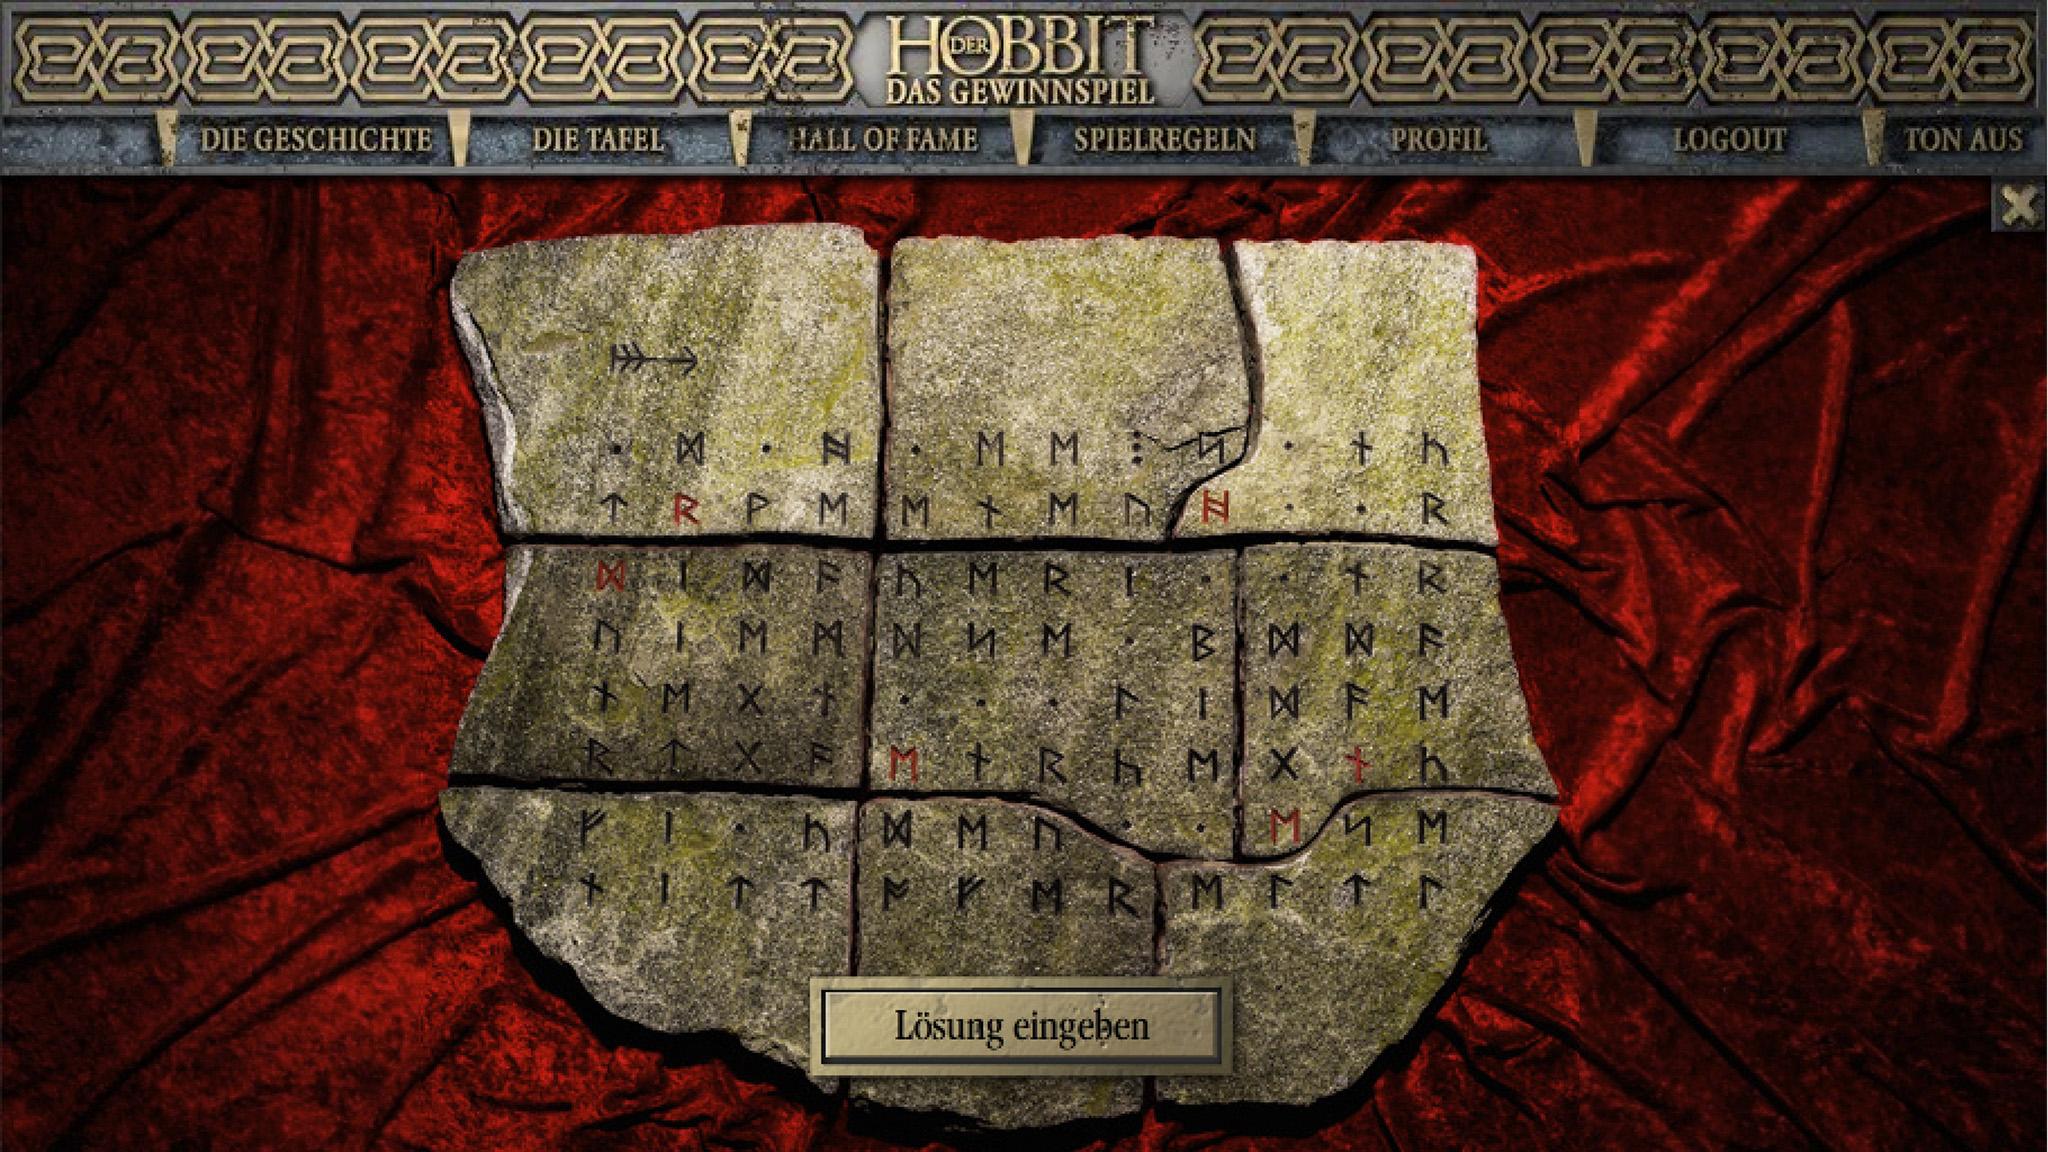 Der Hobbit 2048x1152px4